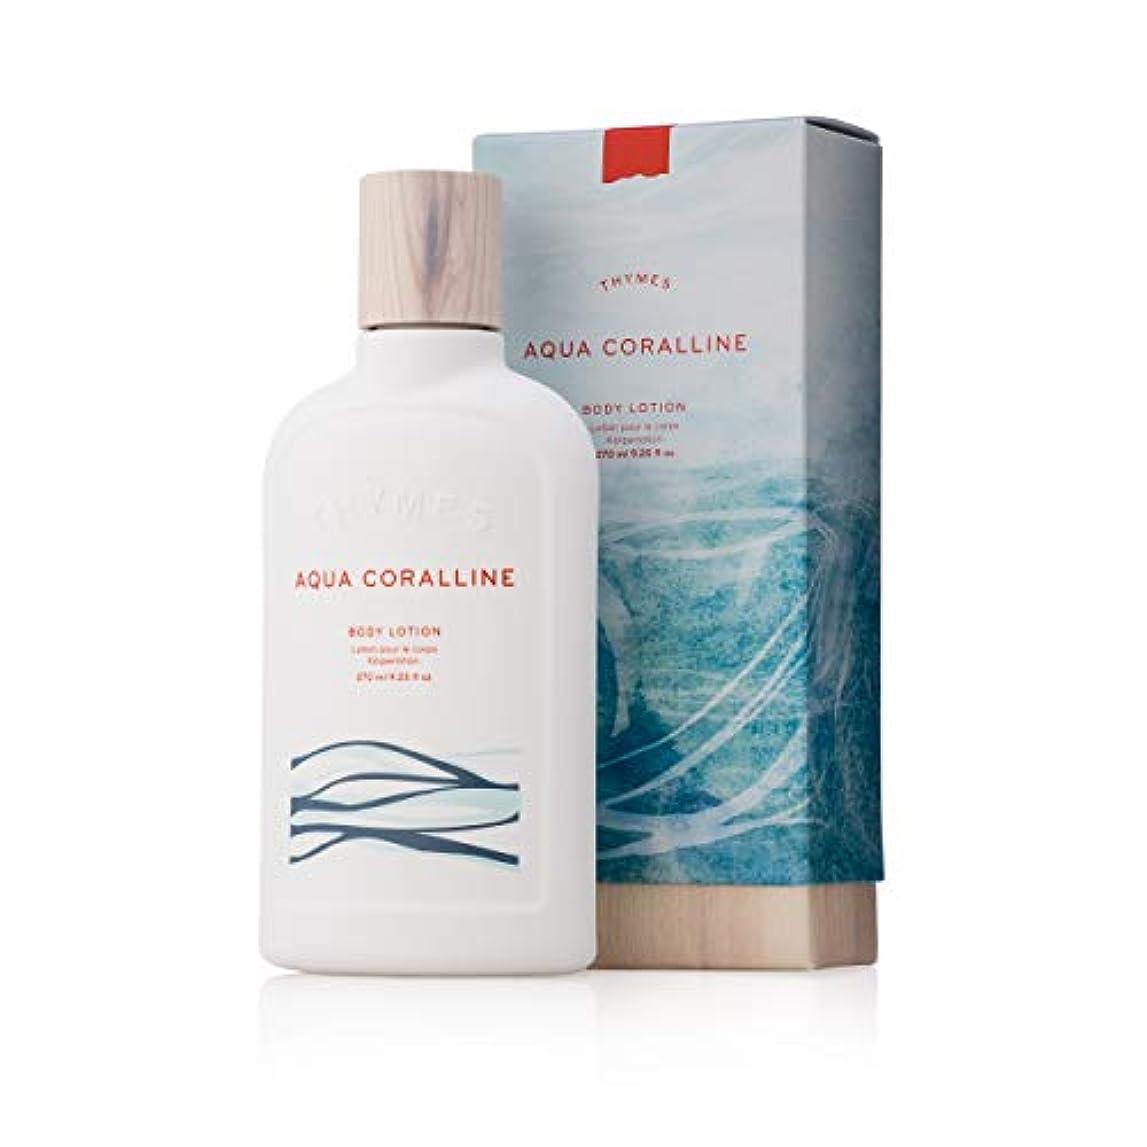 原告家アレンジThymes 637666041926 Aqua Coralline Body Lotion